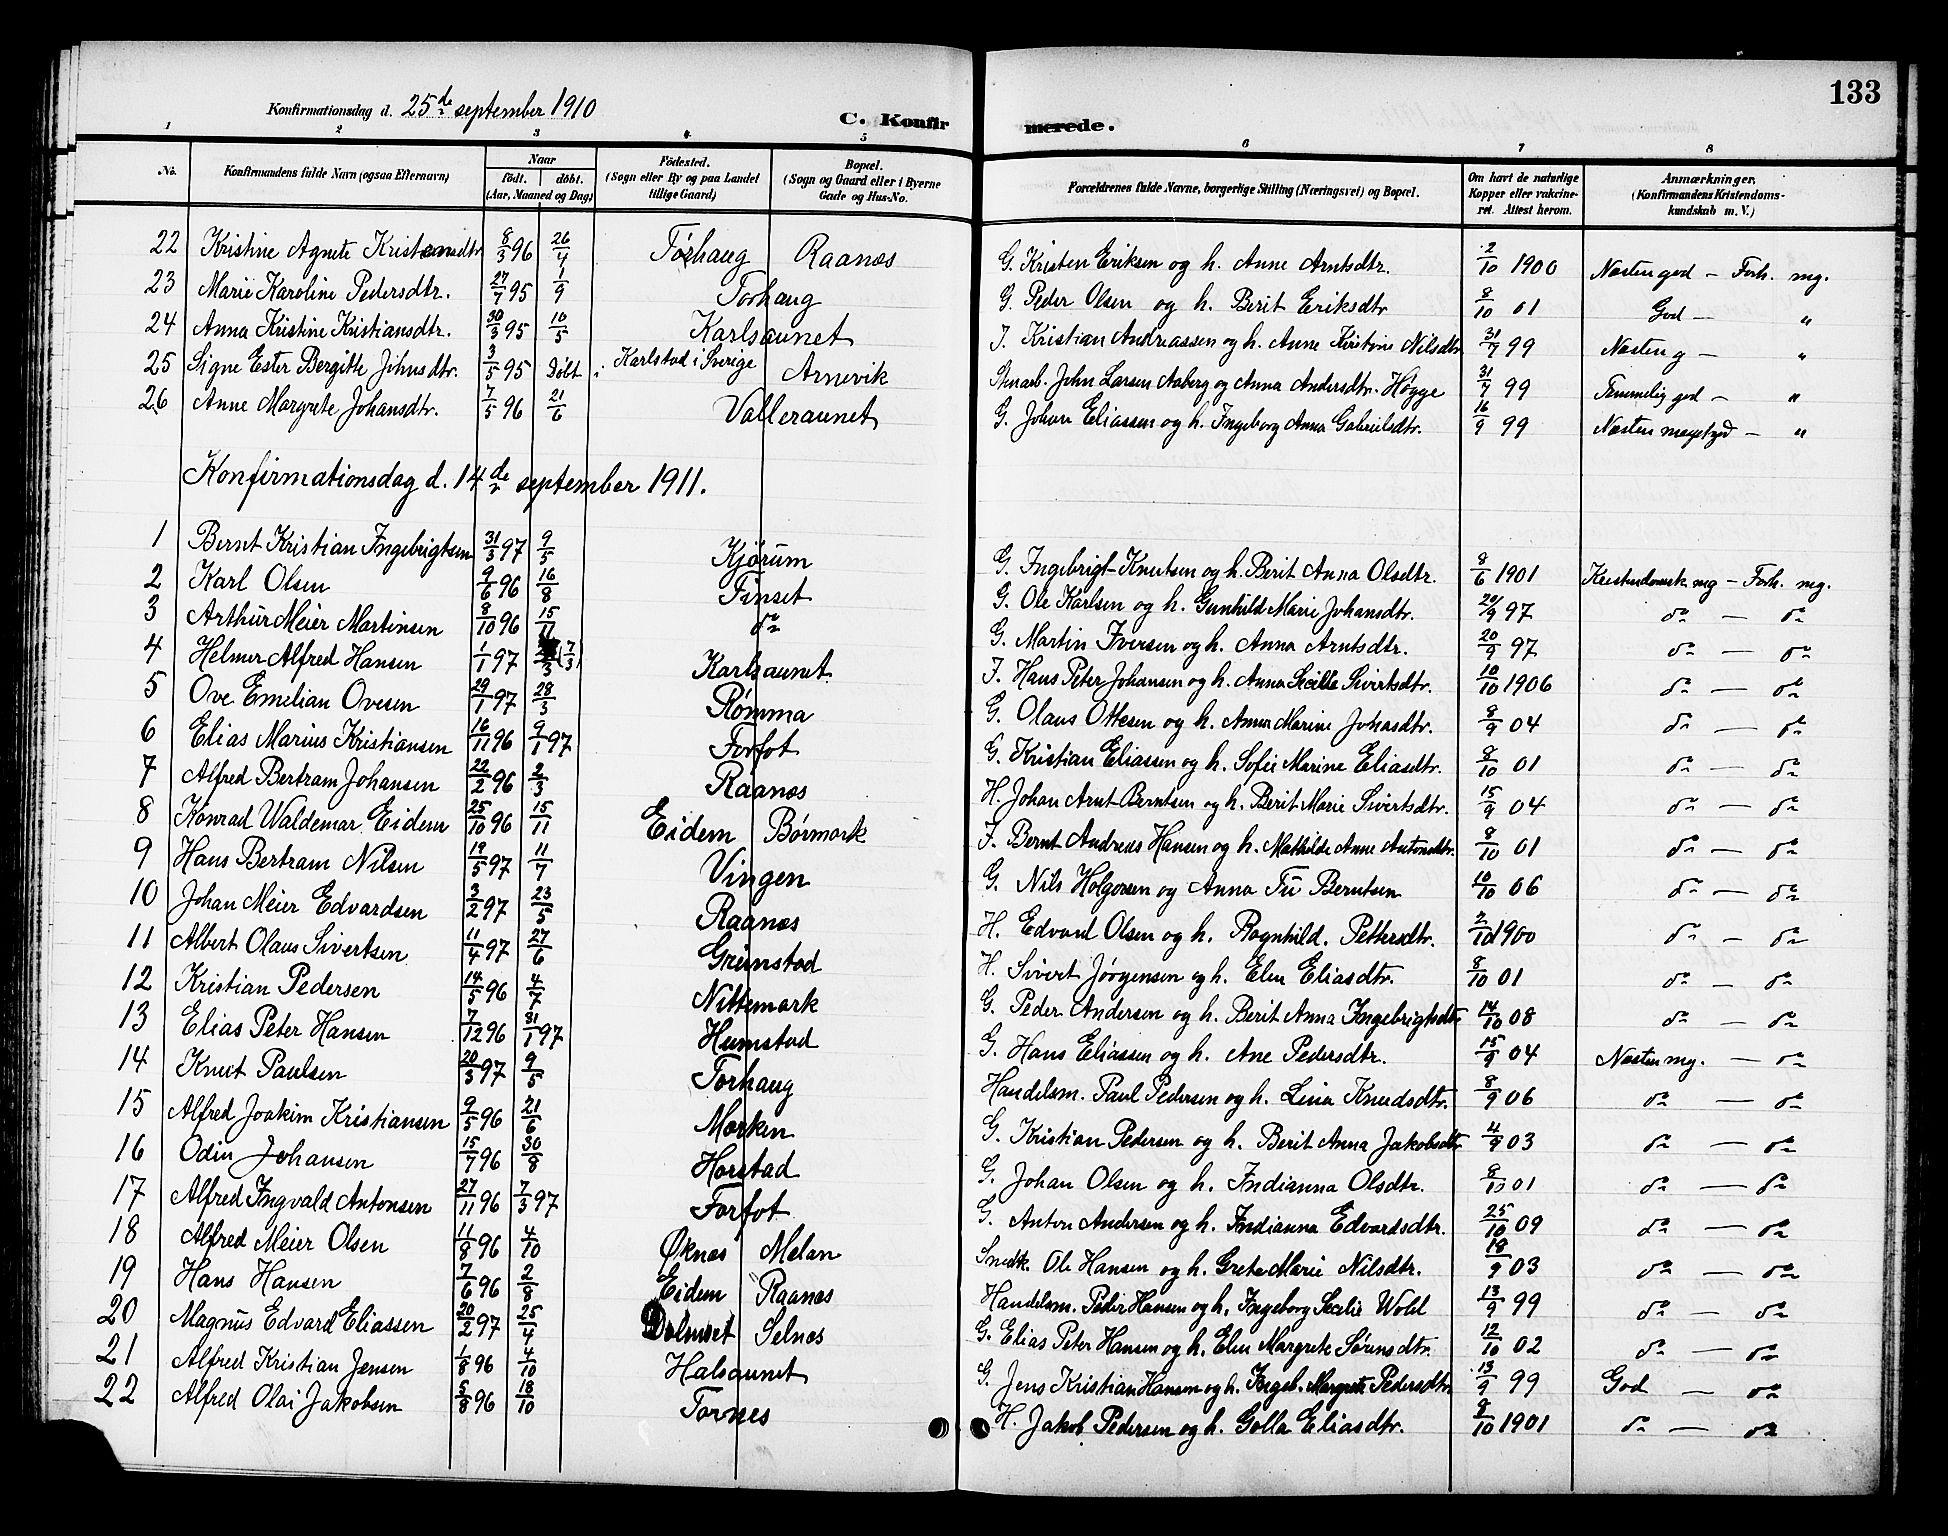 SAT, Ministerialprotokoller, klokkerbøker og fødselsregistre - Sør-Trøndelag, 655/L0688: Klokkerbok nr. 655C04, 1899-1922, s. 133